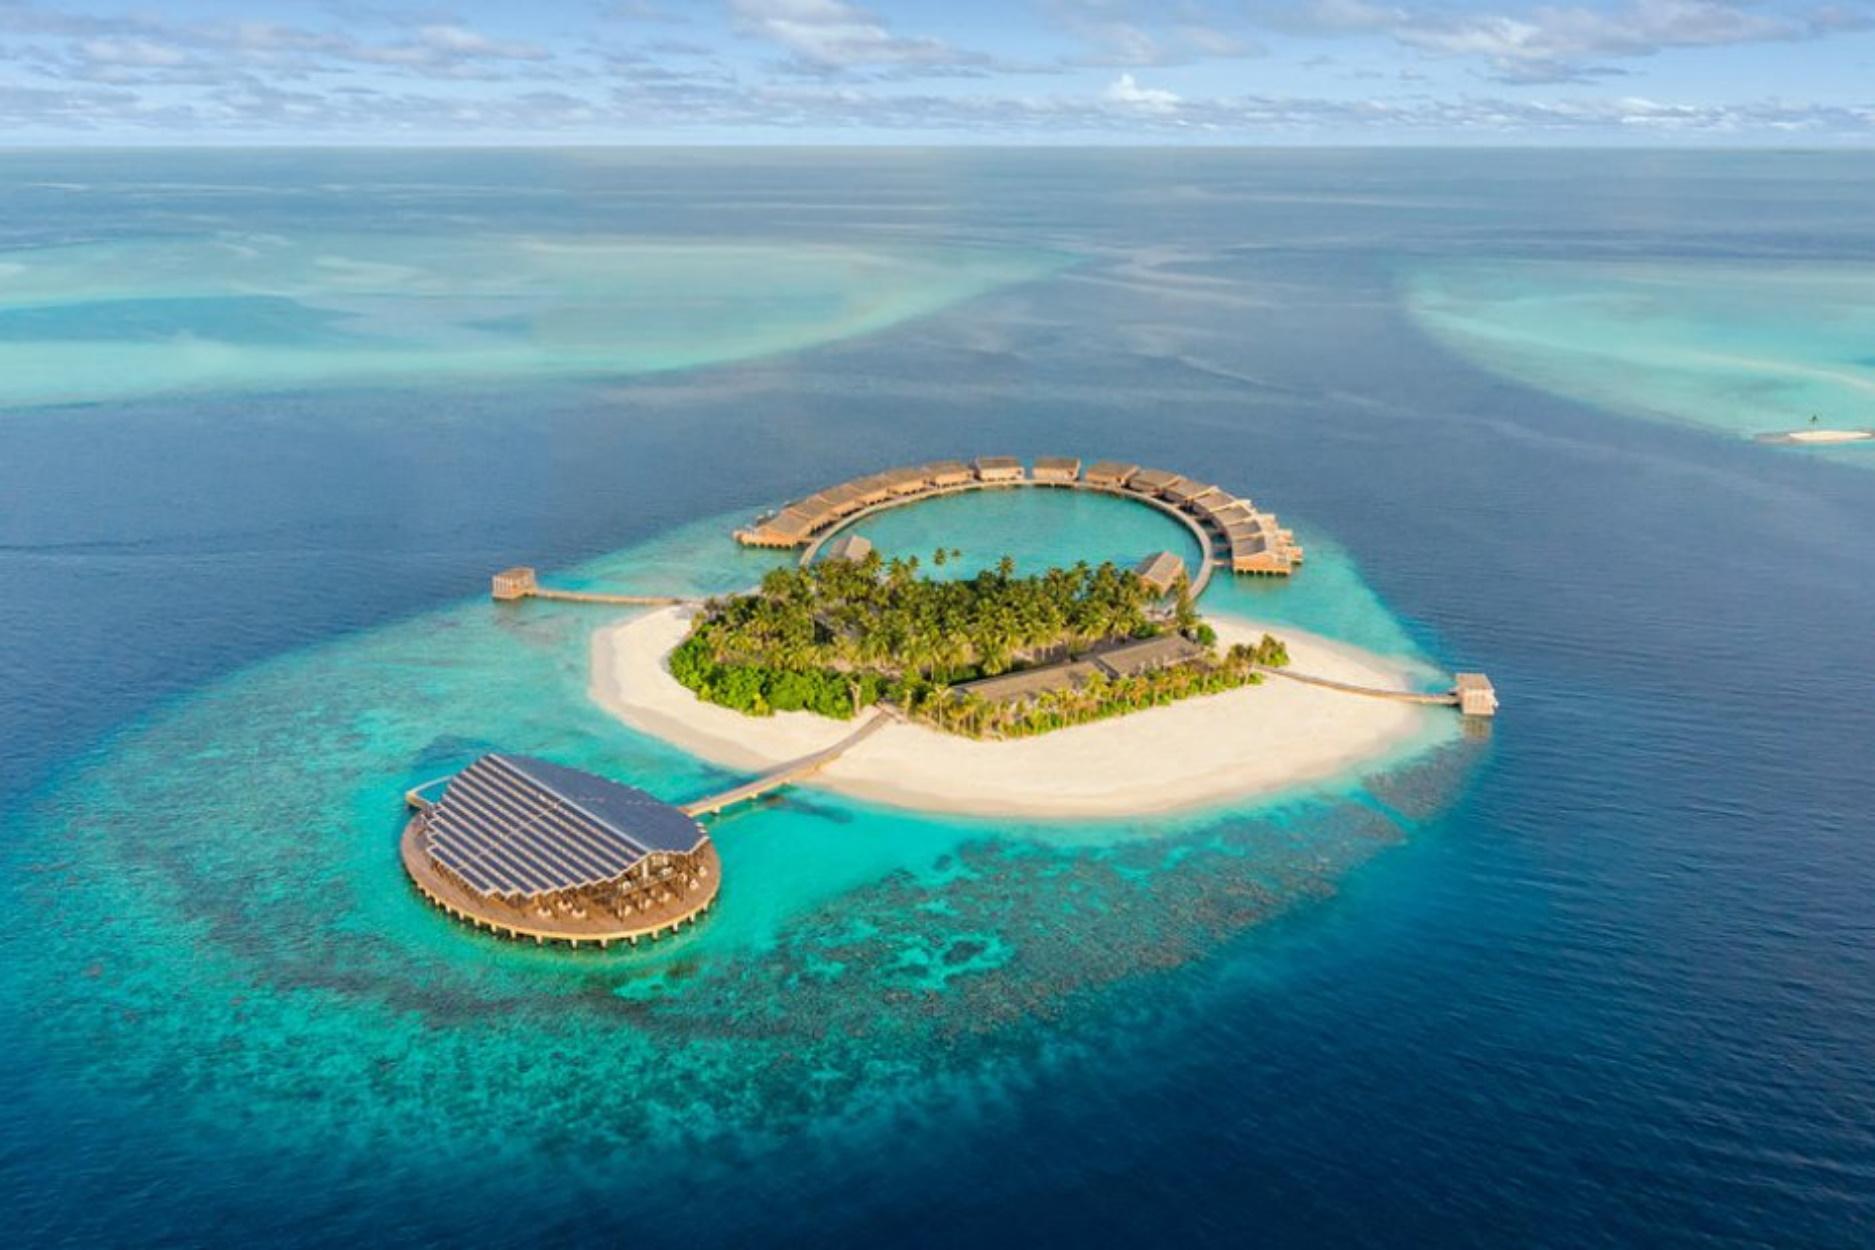 10 πολυτελή ξενοδοχεία που θα θέλαμε να βρισκόμαστε αυτή την στιγμή